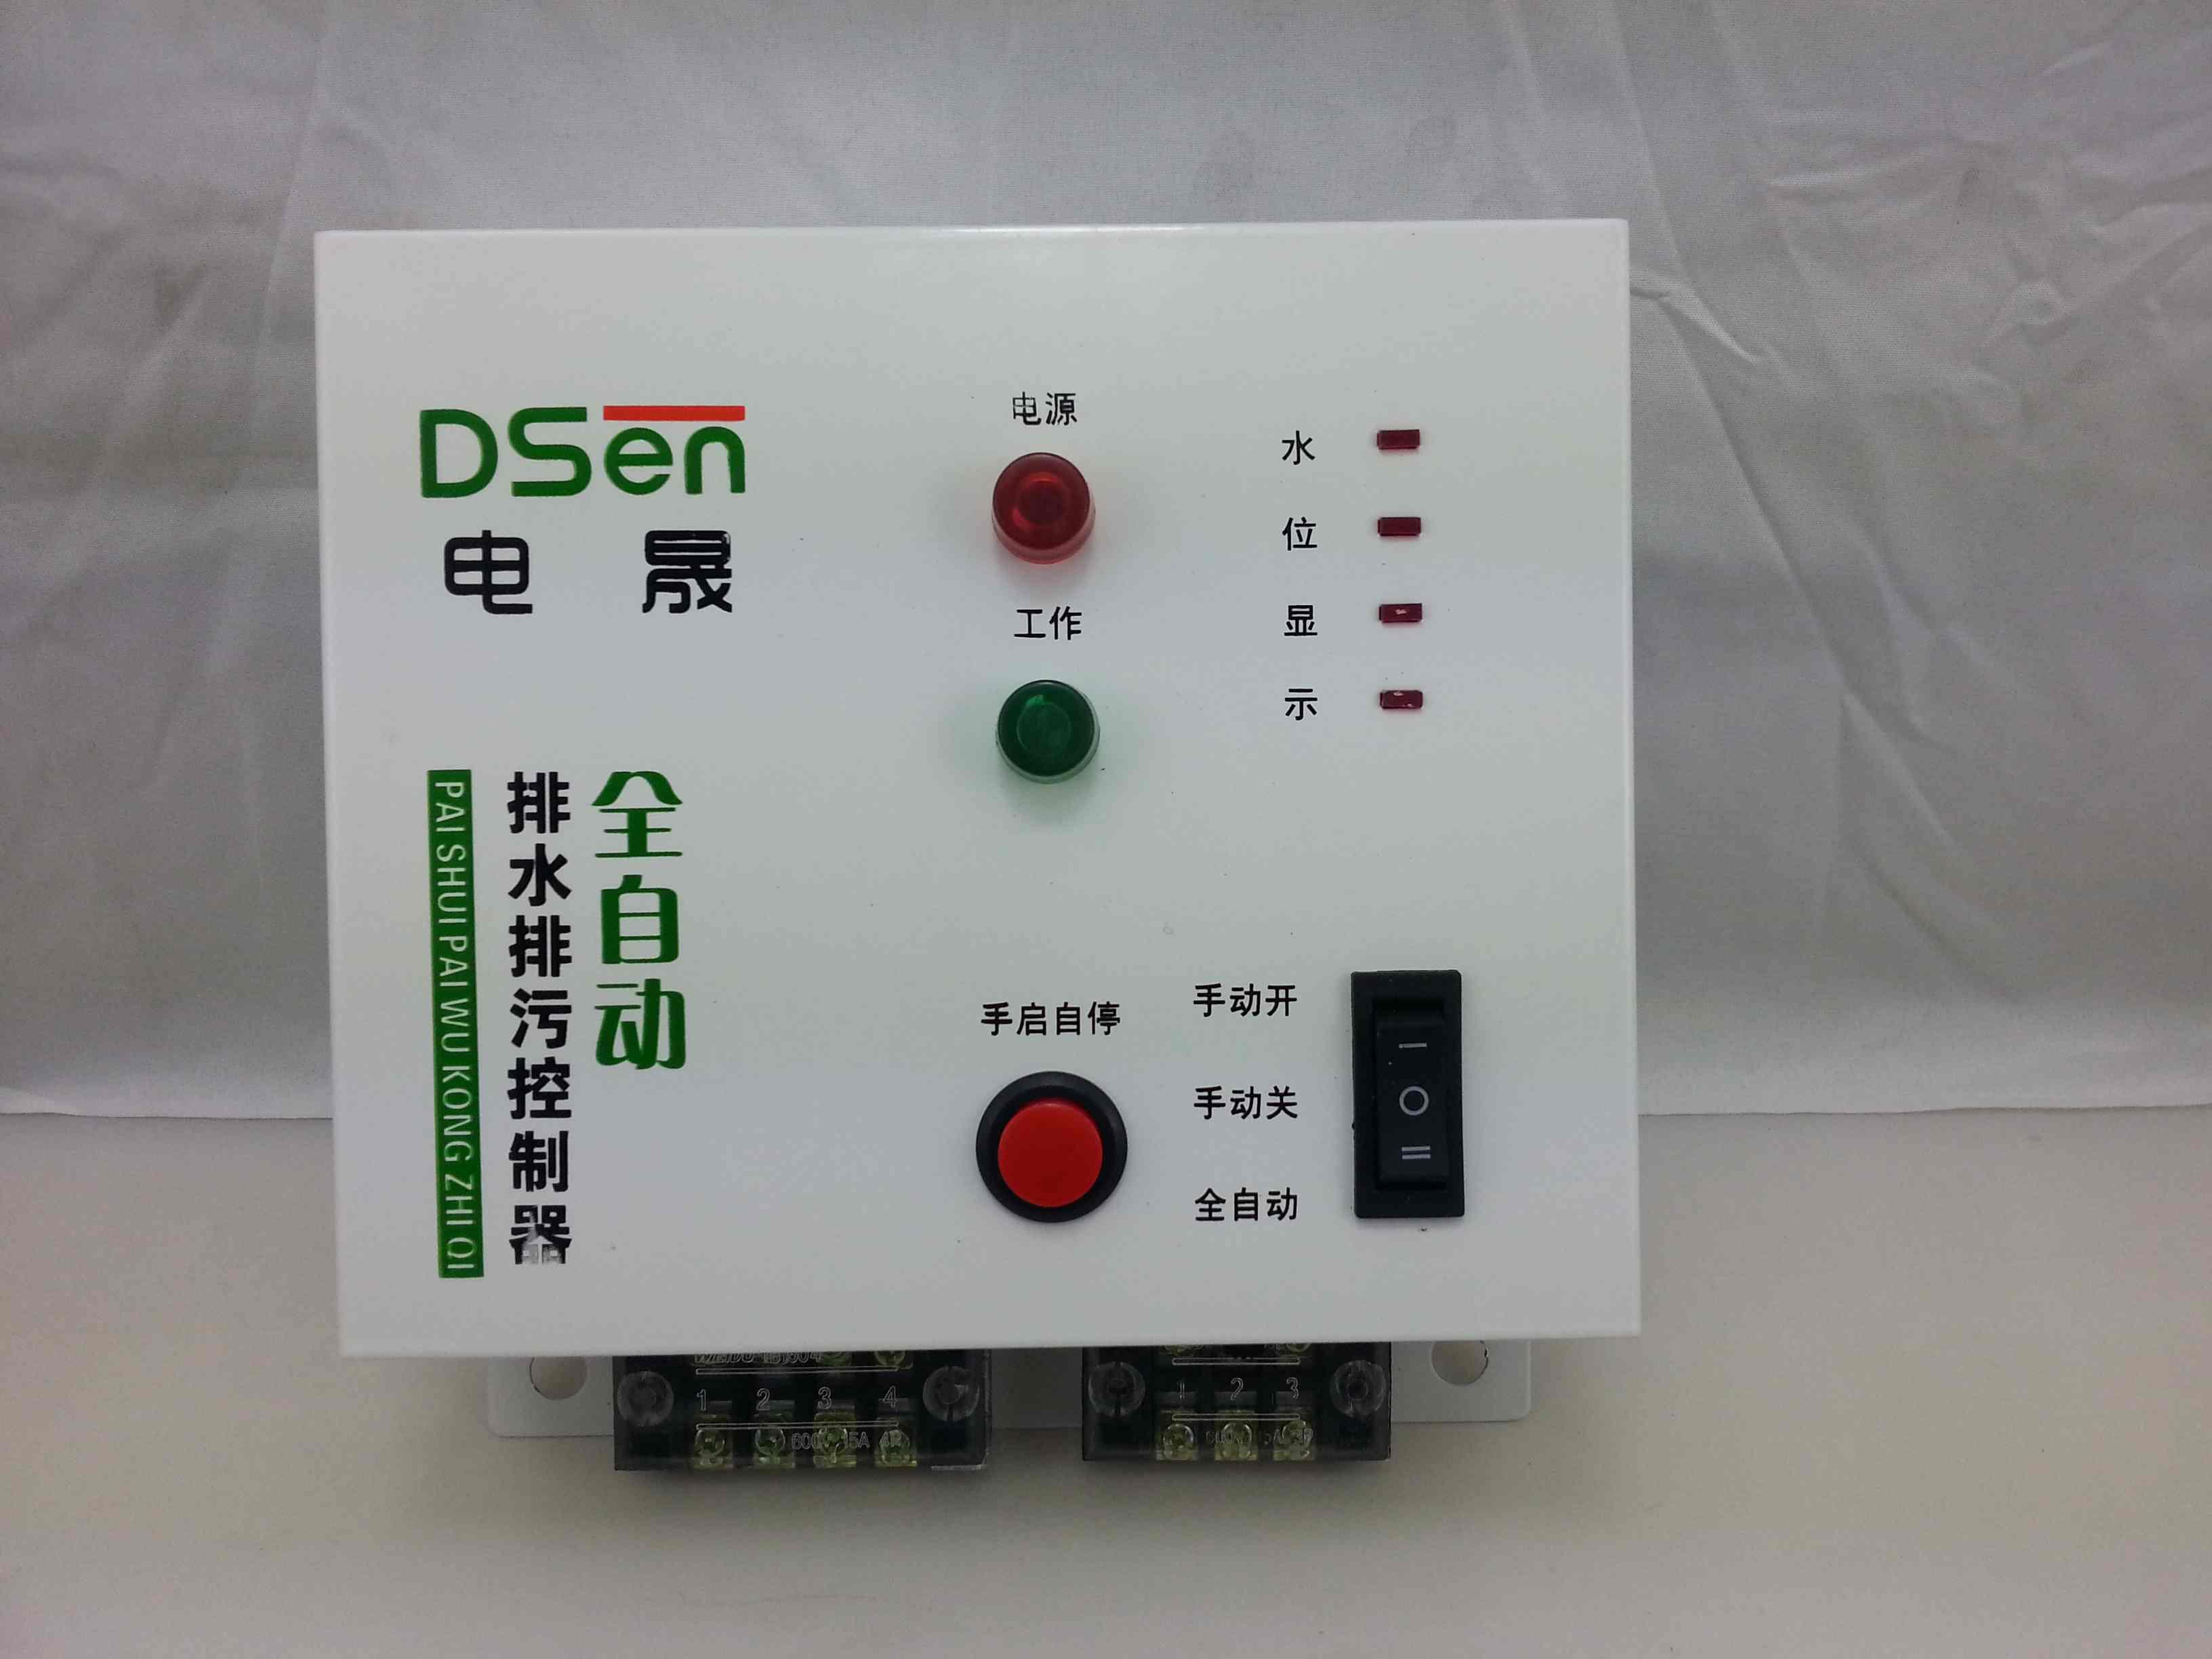 水塔水位控制仪表